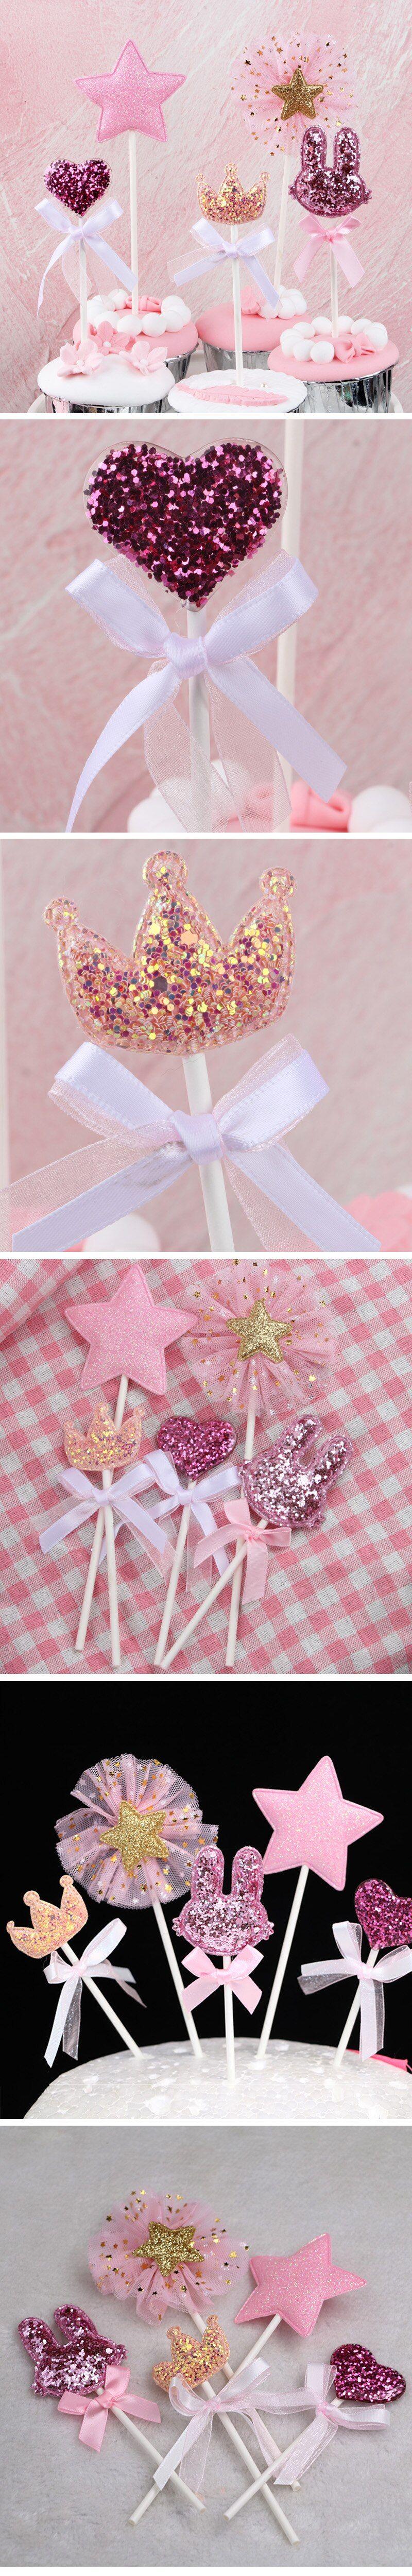 5 unids/lote Estrella Rosa corona de corazón, decoración de pastel de cumpleaños, decoración de cupcake, fiesta de bienvenida para el futuro bebé niños, suministros para fiestas de cumpleaños, recuerdos de boda